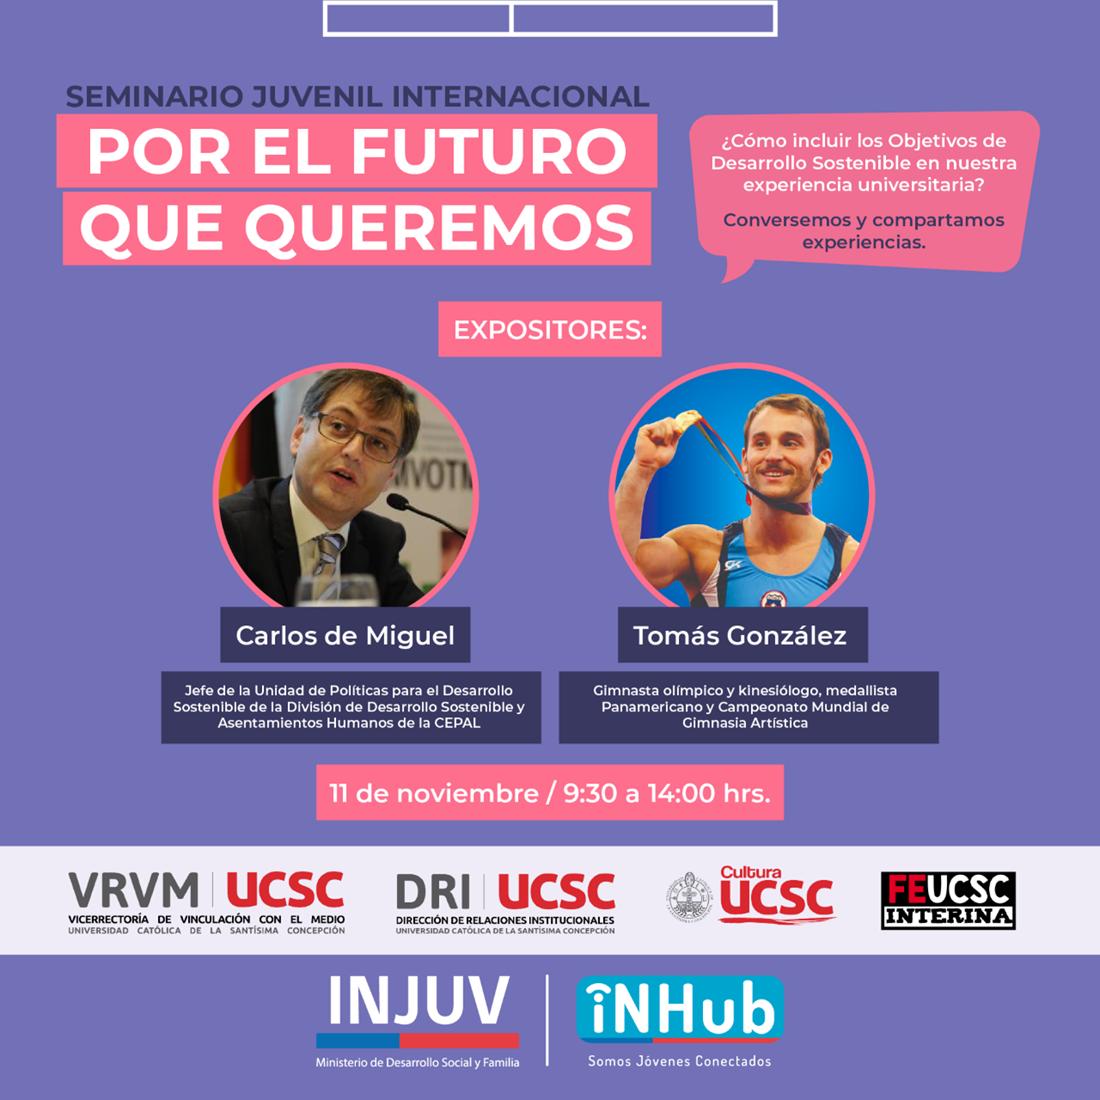 Seminario Juvenil Internacional: Por el Futuro que queremos